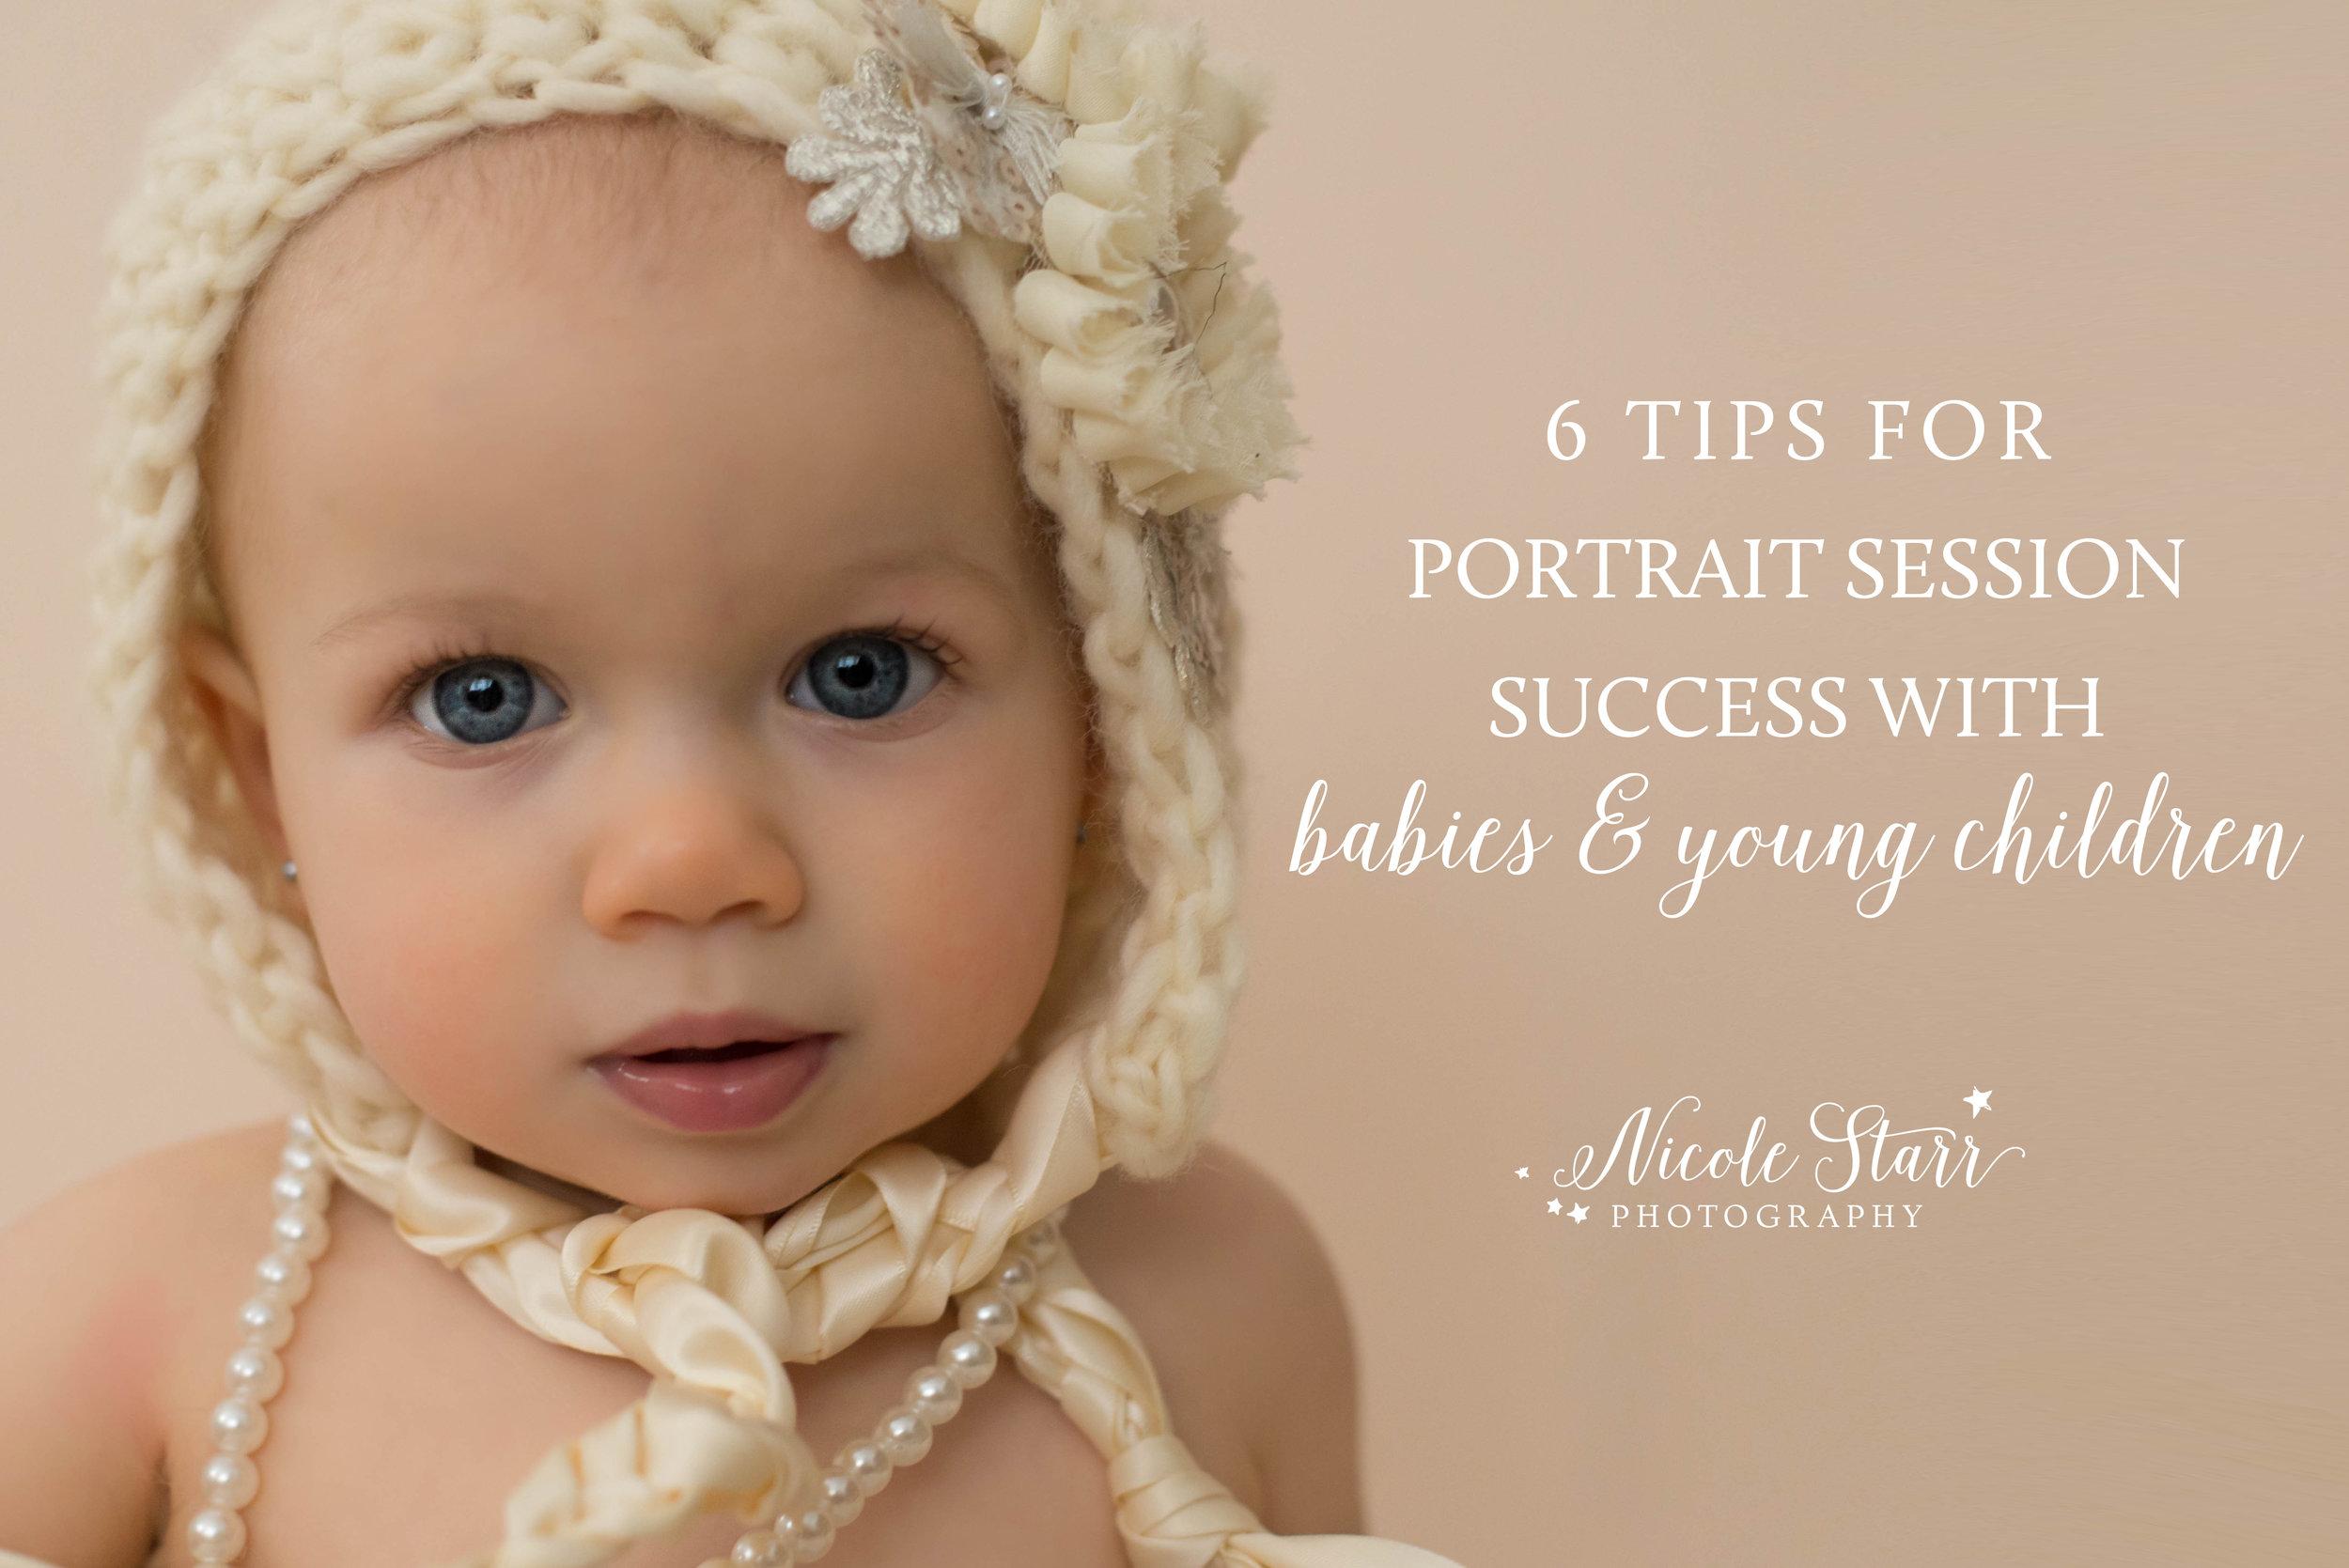 portrait session success tips